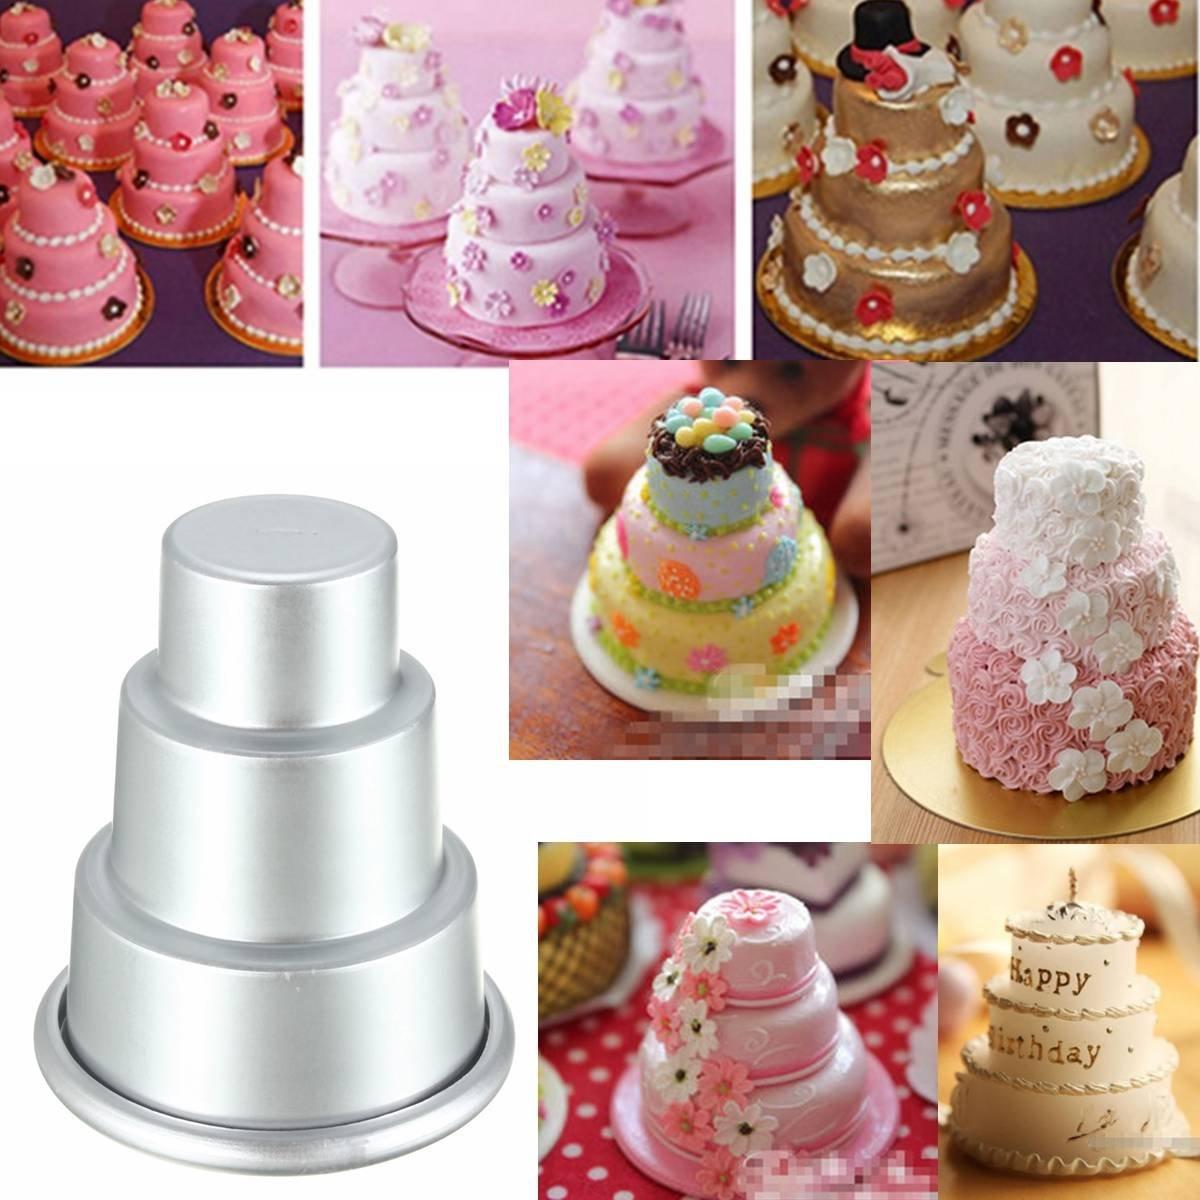 El Rey DO forma Mini magdalena hornear molde pastel de la lata de la galleta de los pasteles de Chocolate con leche Pan decoración 3-nivel de 60 x 30 x 80 ...